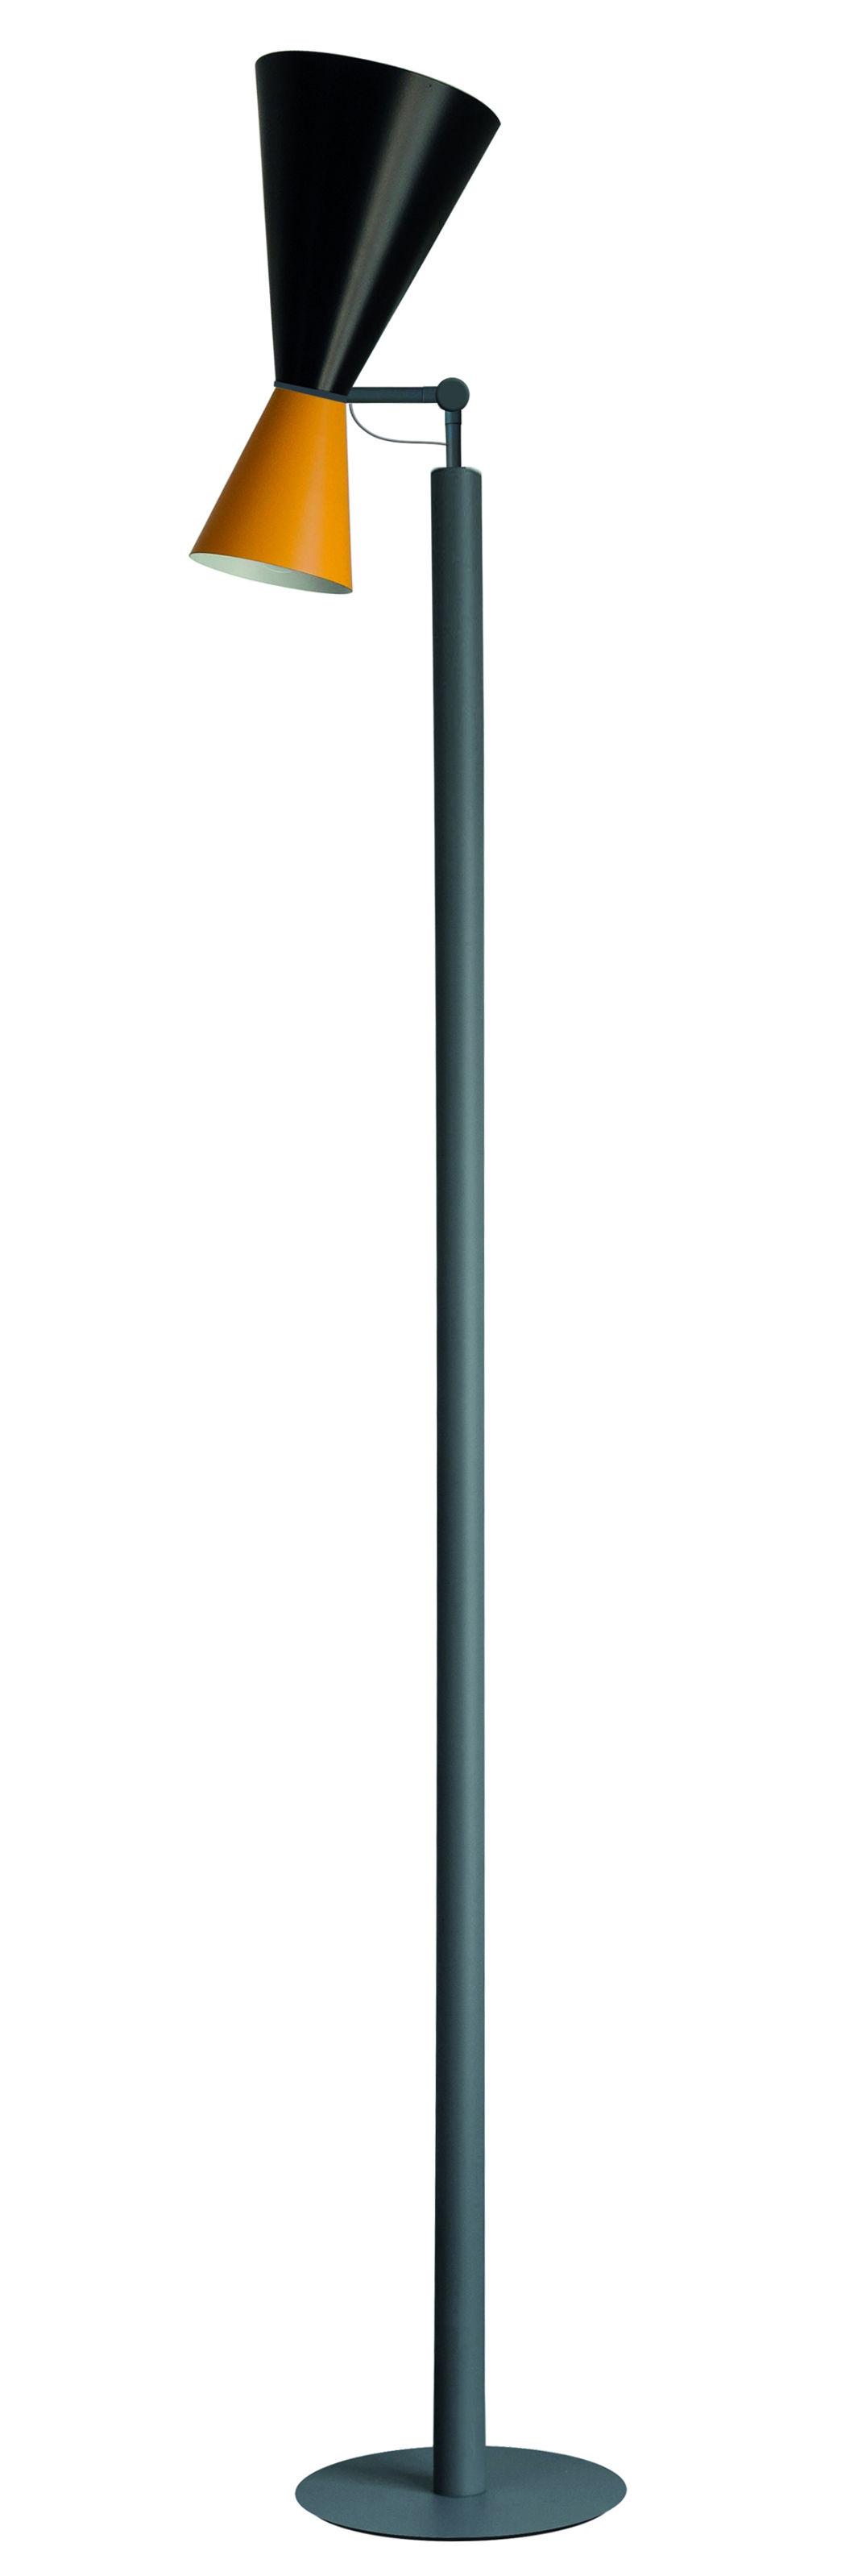 Illuminazione - Lampade da terra - Lampada Parliament / Le Corbusier - Riedizione 1963 - Nemo - Nero & giallo / Piede grigio - Metallo